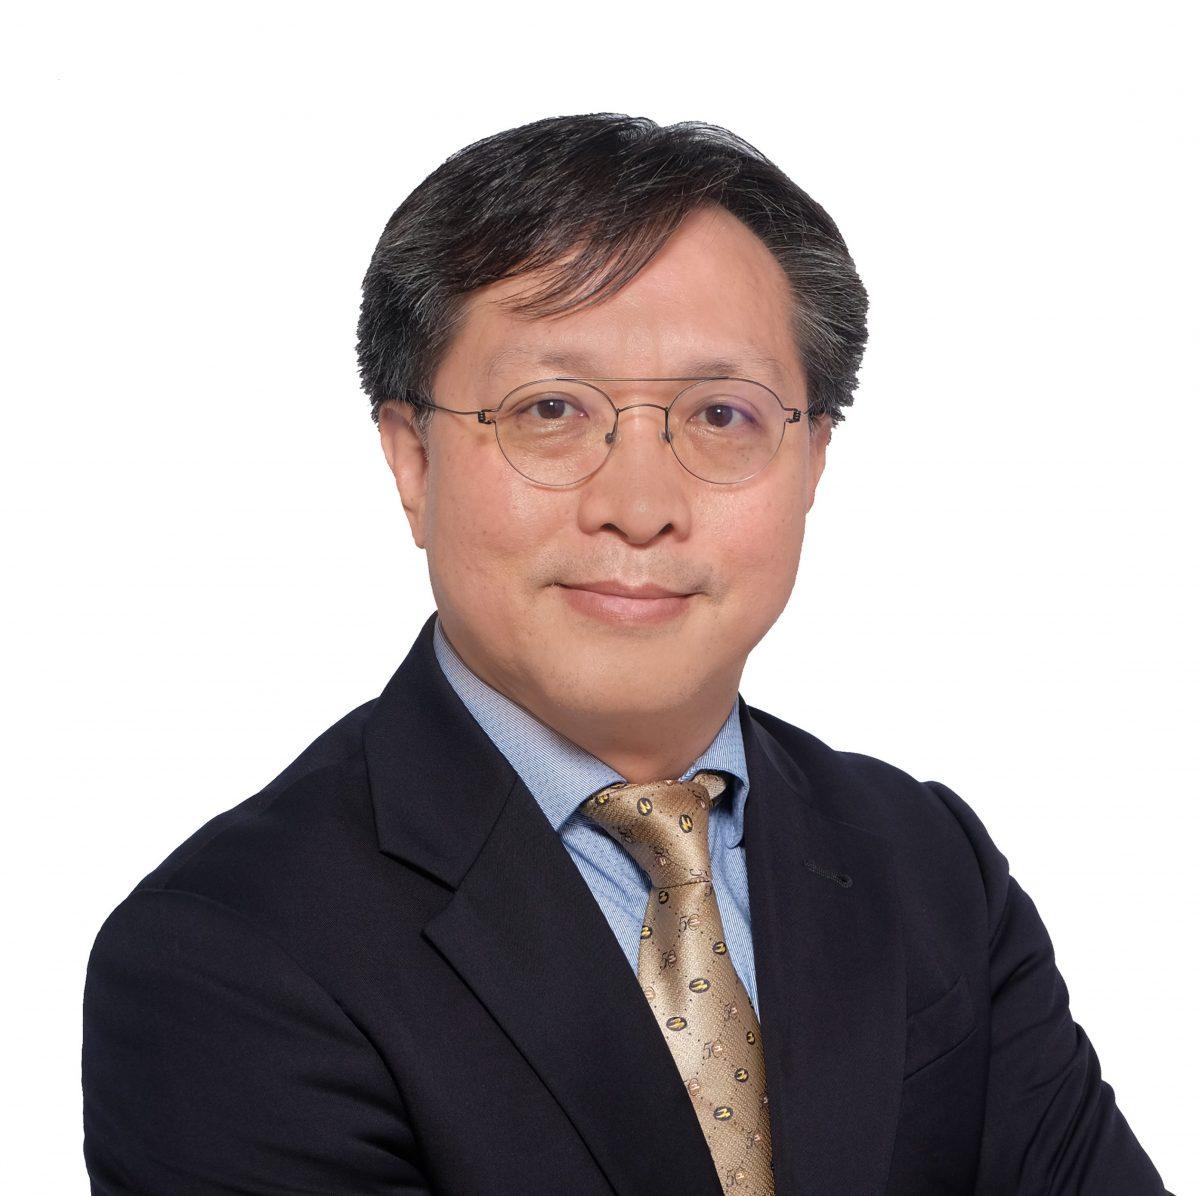 譚偉豪博士, JP